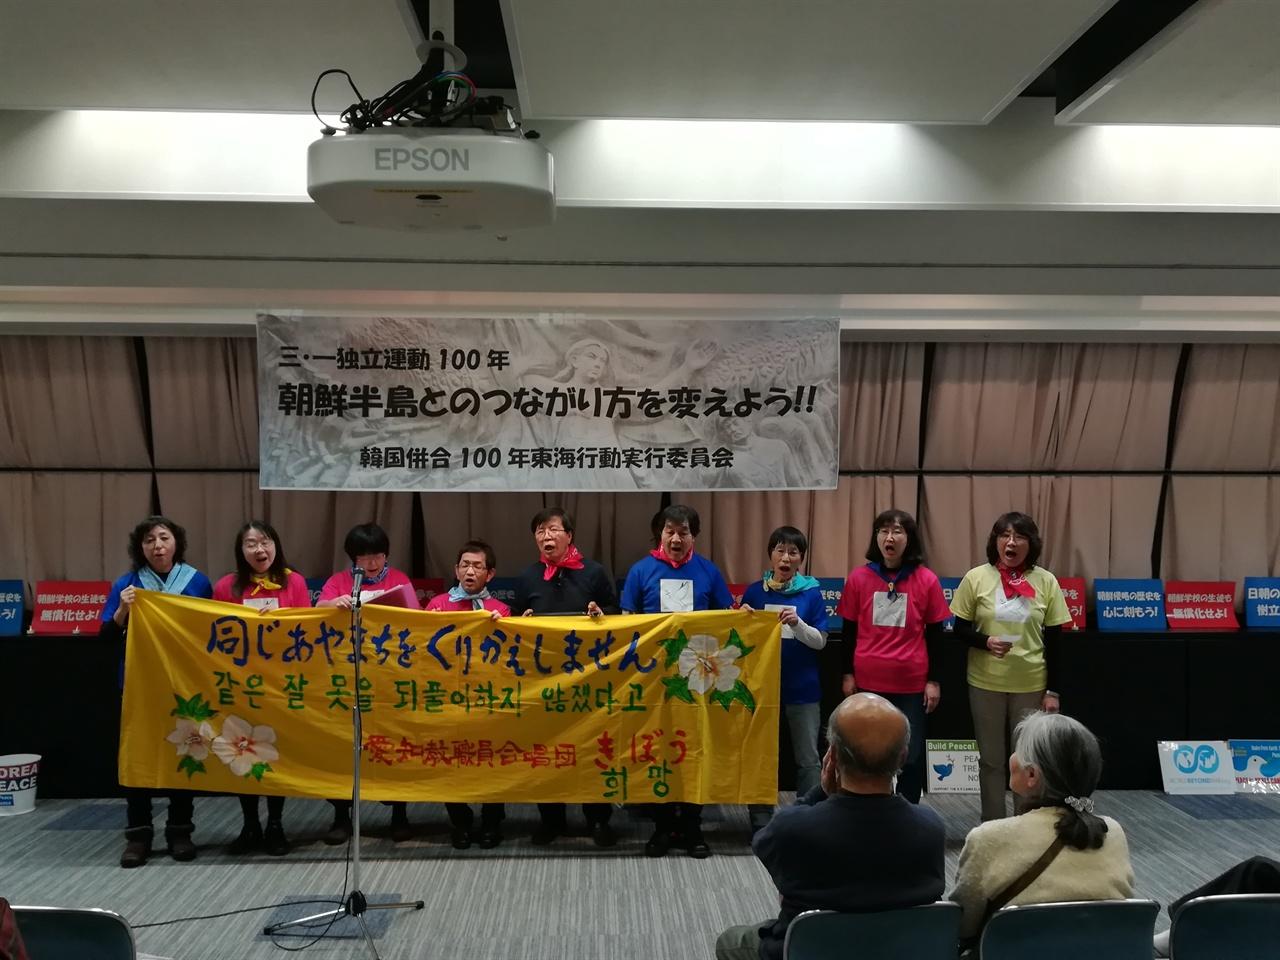 3.1운동 100주년 기념 행사  평화의 소녀상을 담은 노래 '서울의 소녀'를 부르는 아이치 교직원 합창단 '희망'